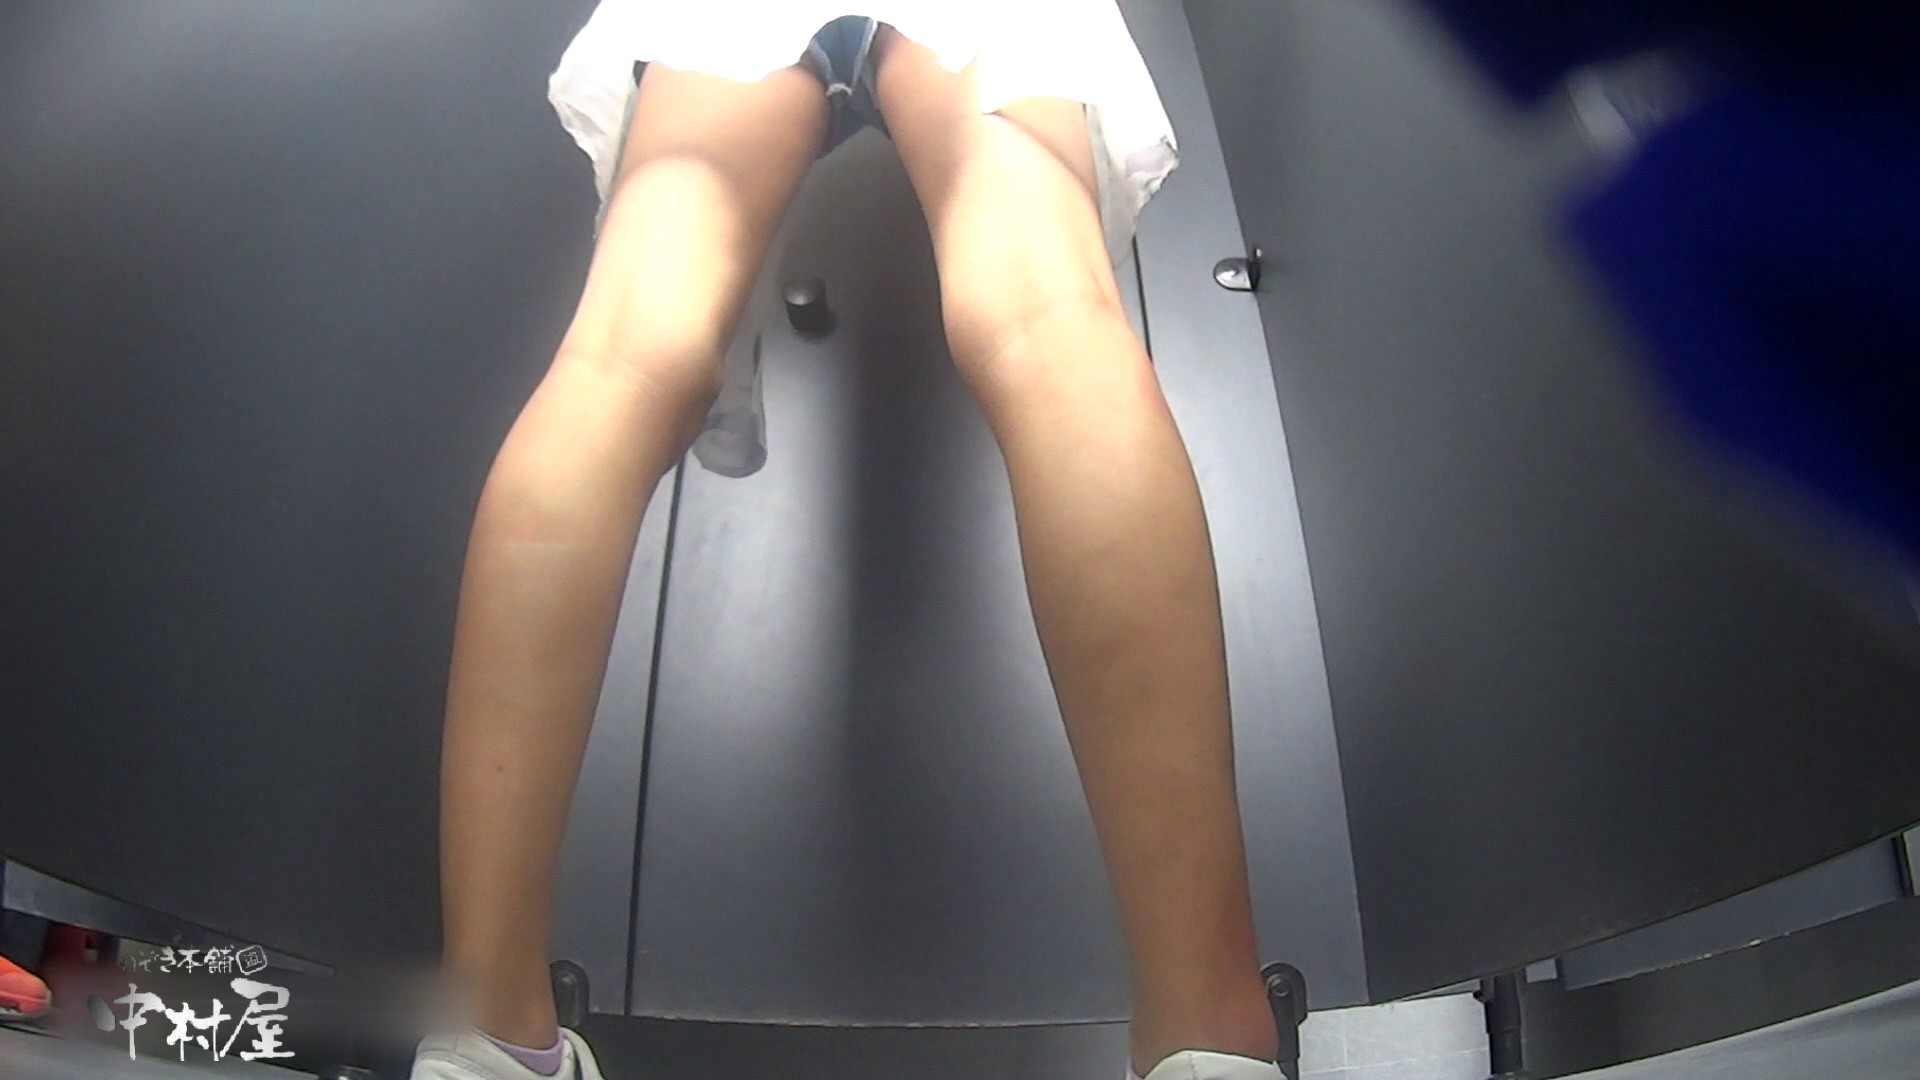 ツンデレお女市さんのトイレ事情 大学休憩時間の洗面所事情32 Hな美女 AV無料 102pic 88